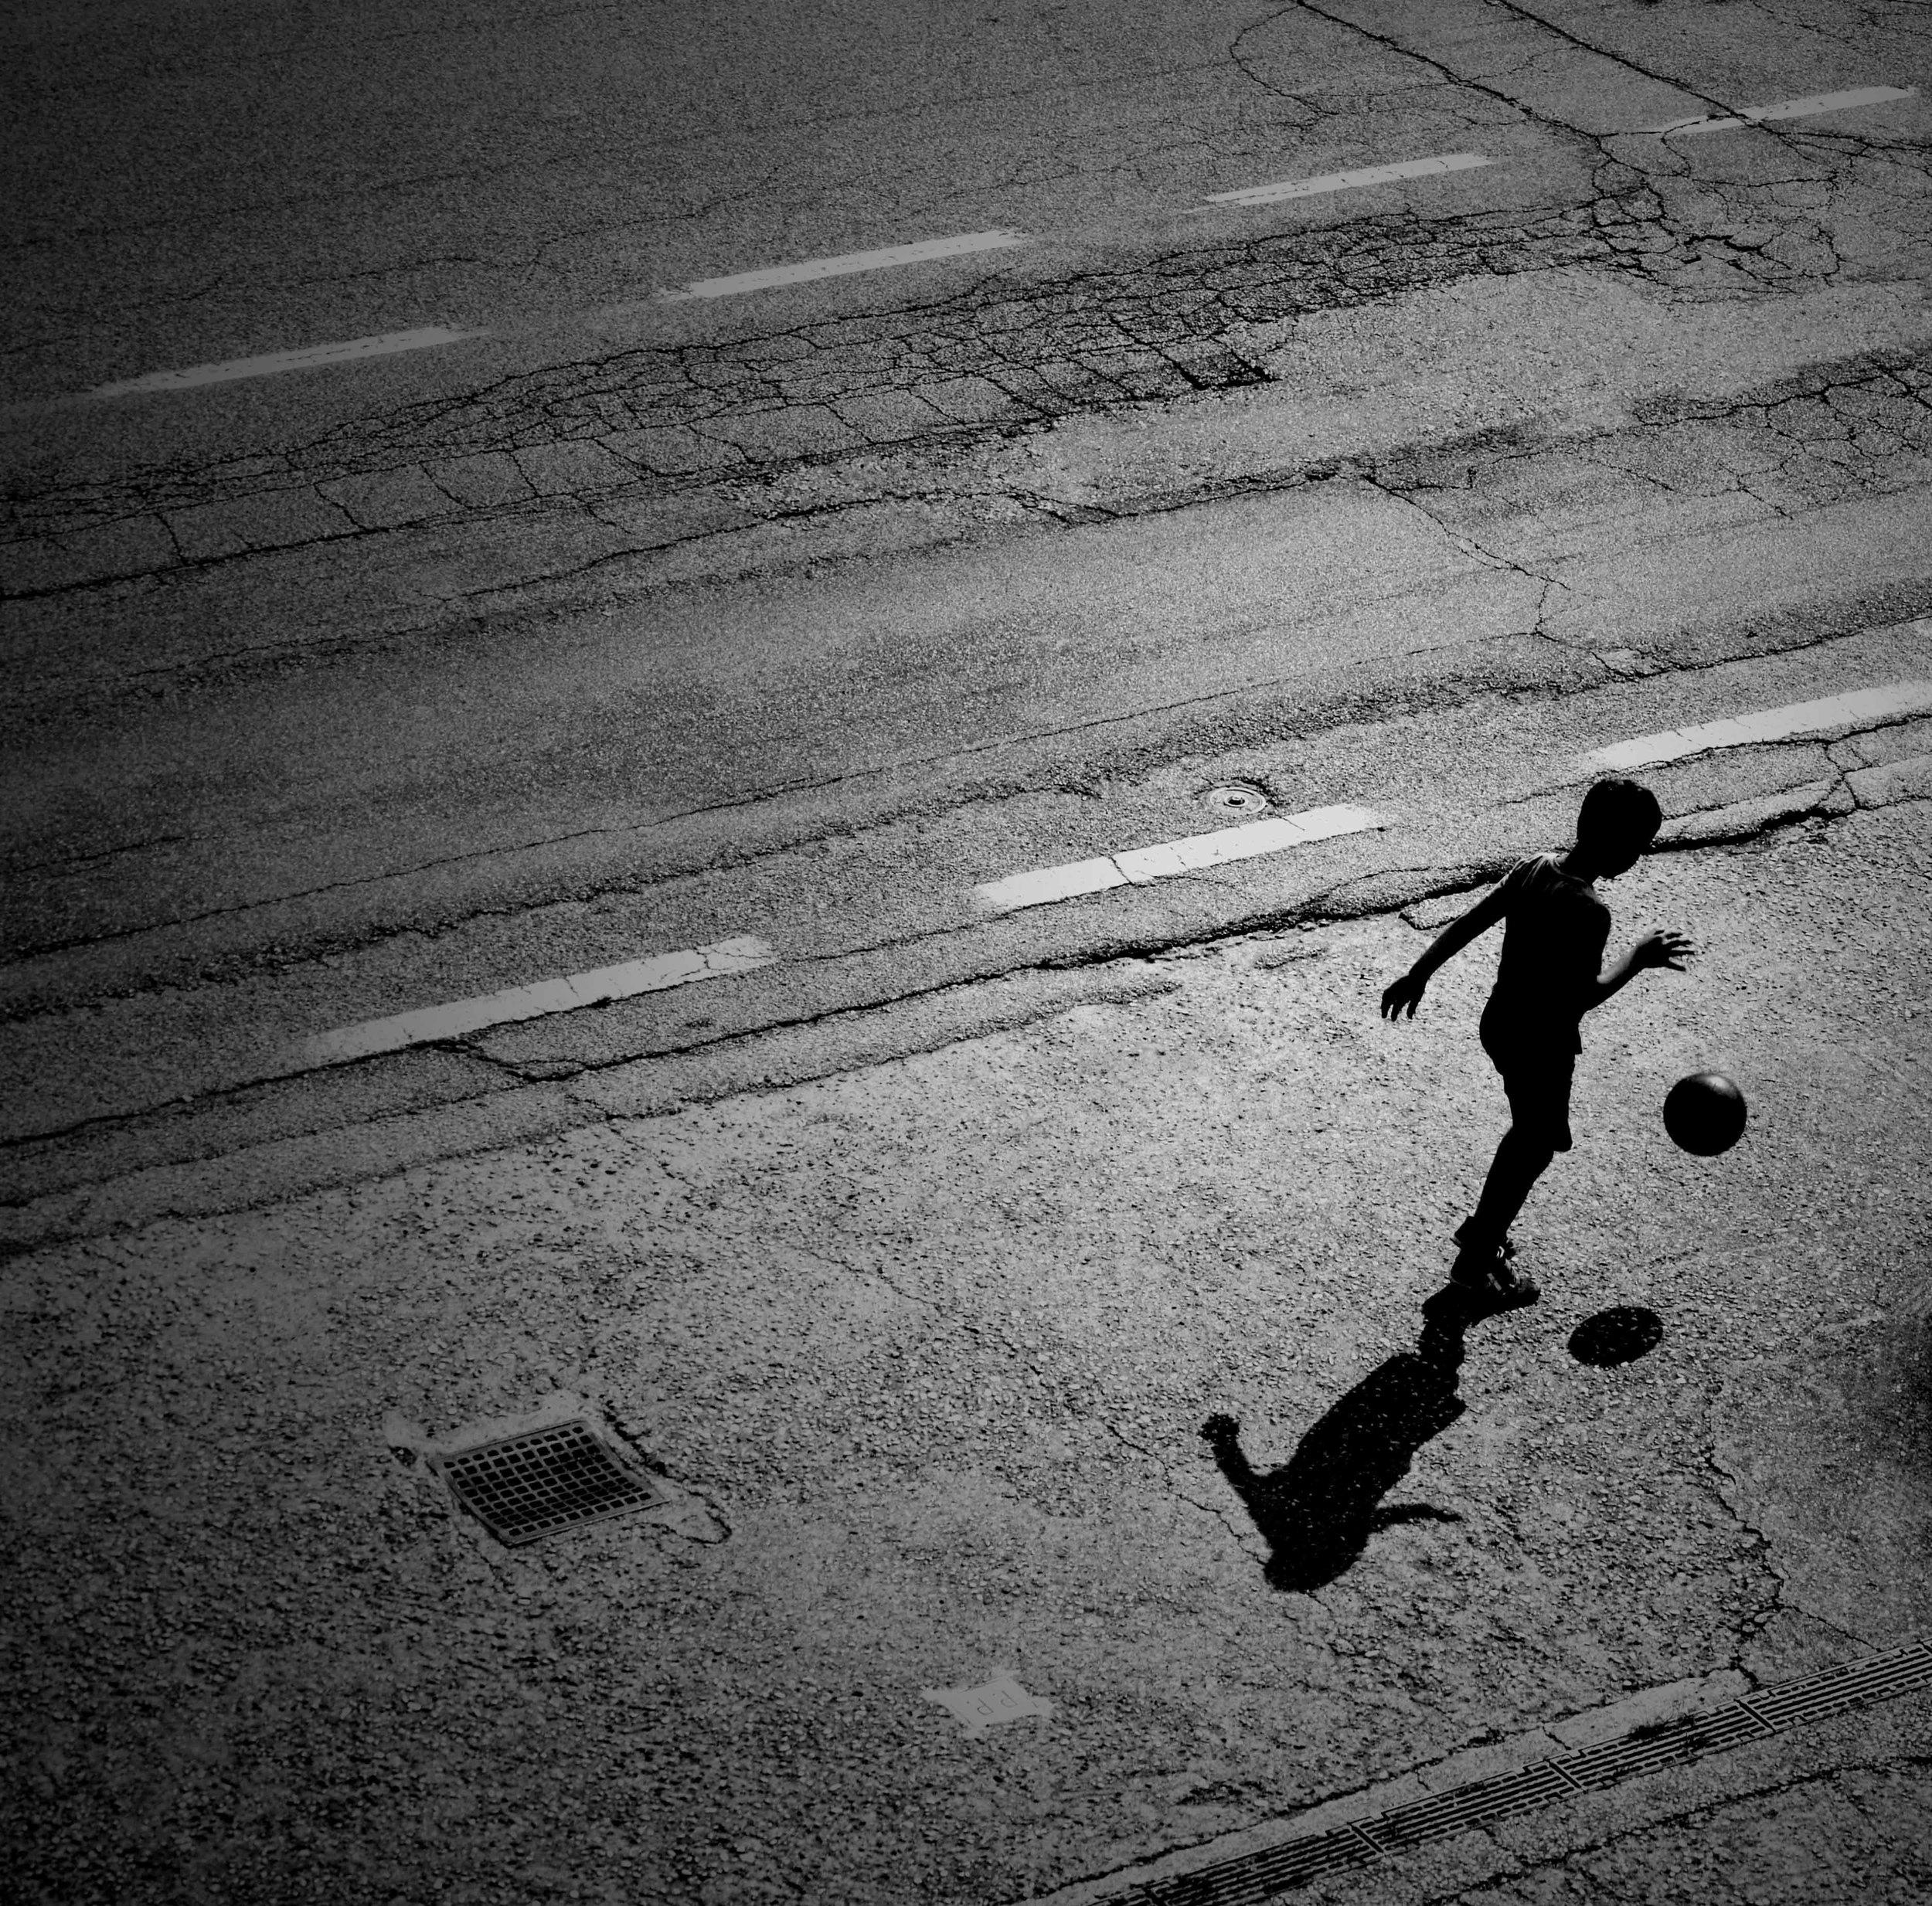 palleggi in strada.jpg